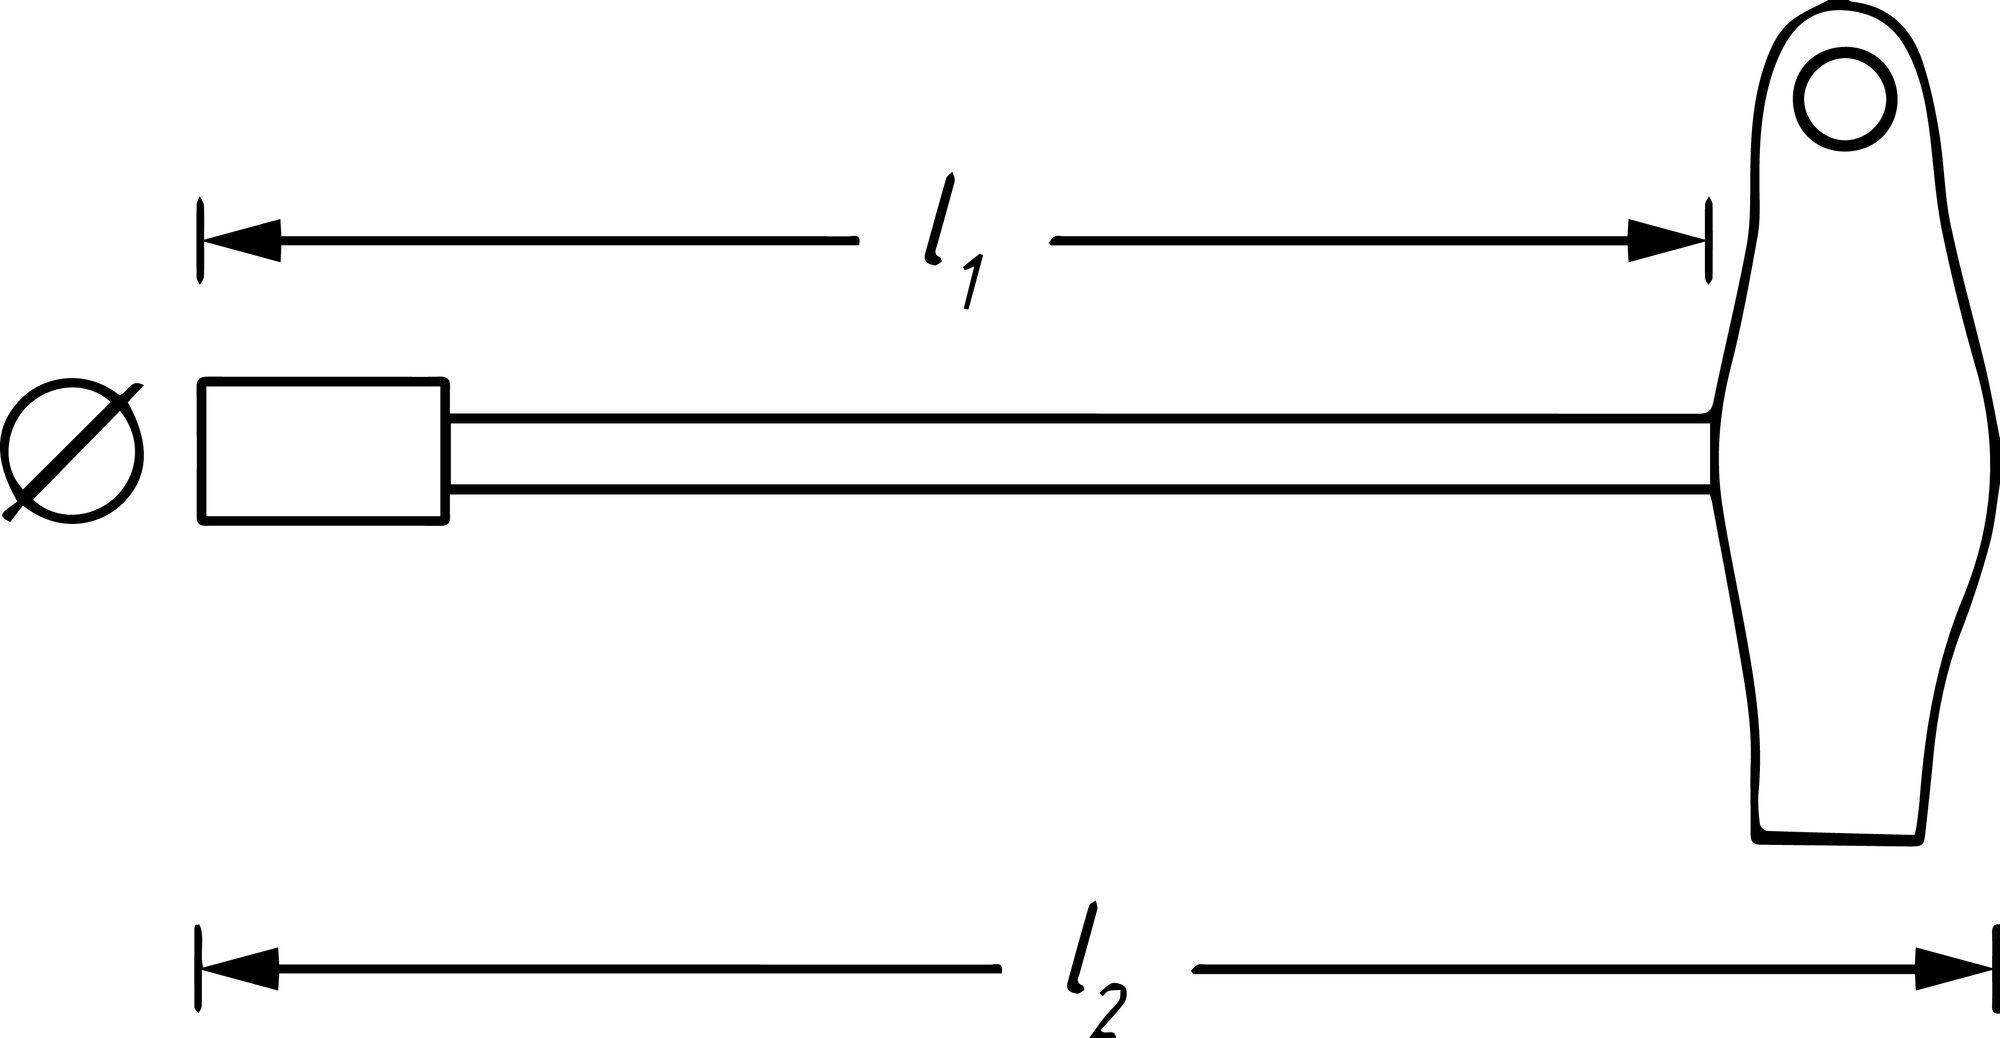 HAZET Steckschlüssel ∙ mit T-Griff 428-7 ∙ Außen-Sechskant Profil ∙ 7 mm